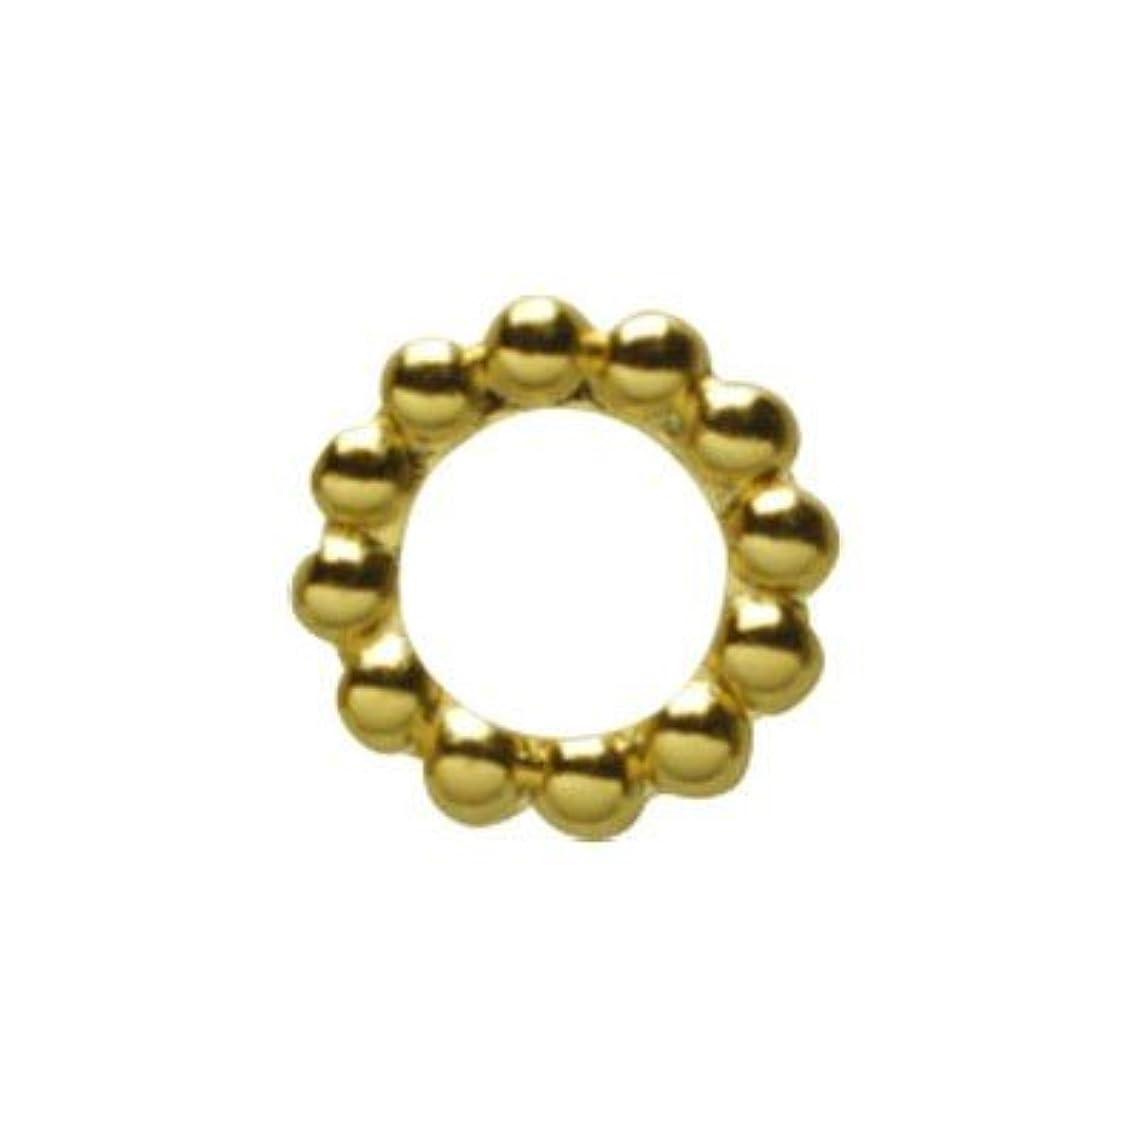 最後のタオルディベートピアドラ ブリオンフレーム ss9用 30P ゴールド